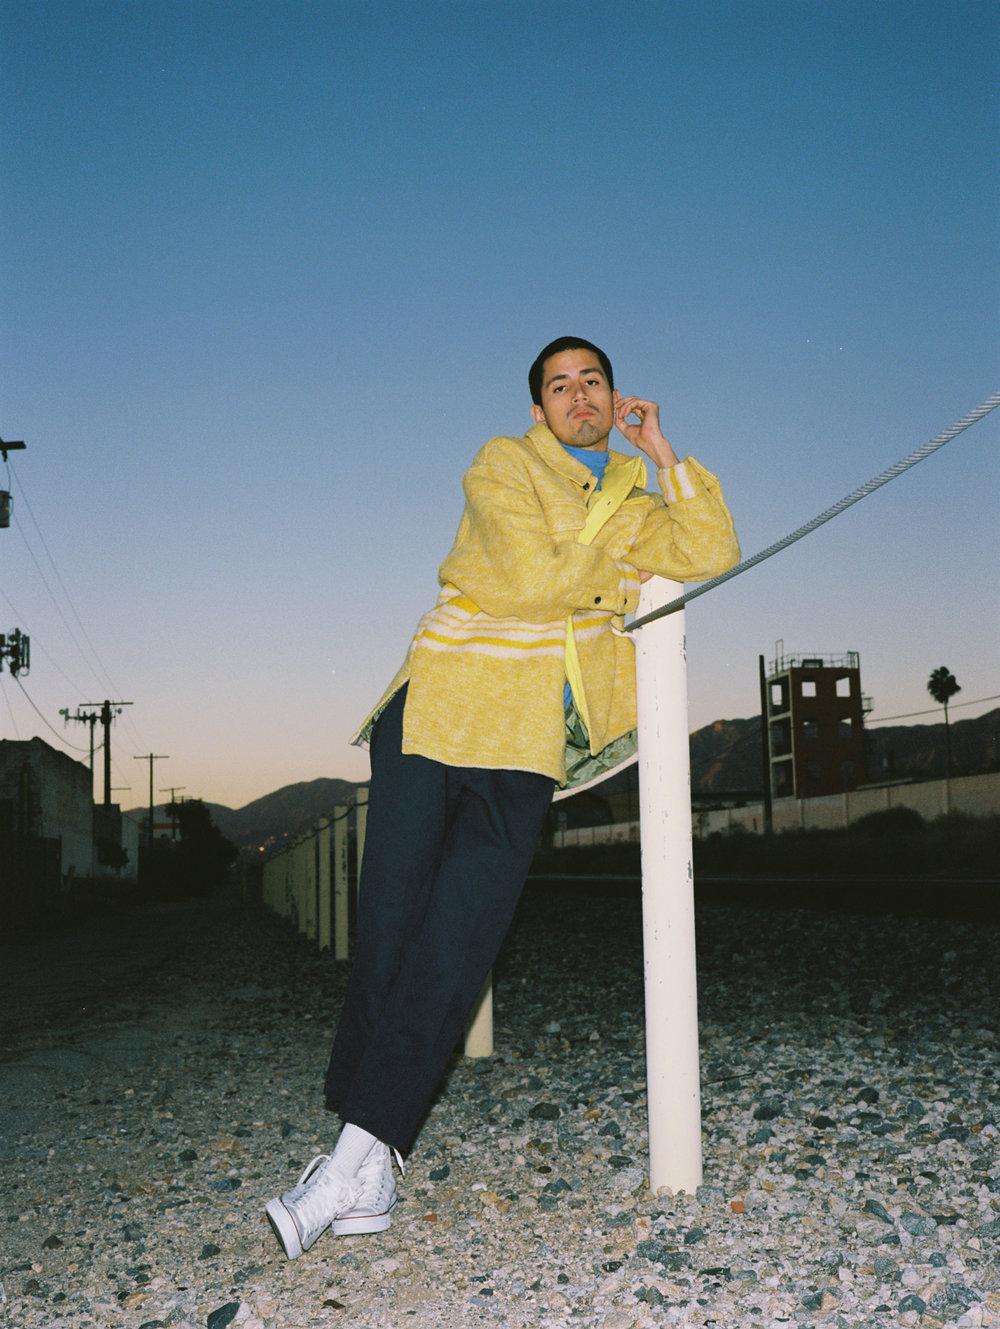 BODE jacket, Vintage turtleneck, Dickies pants, Converse sneakers